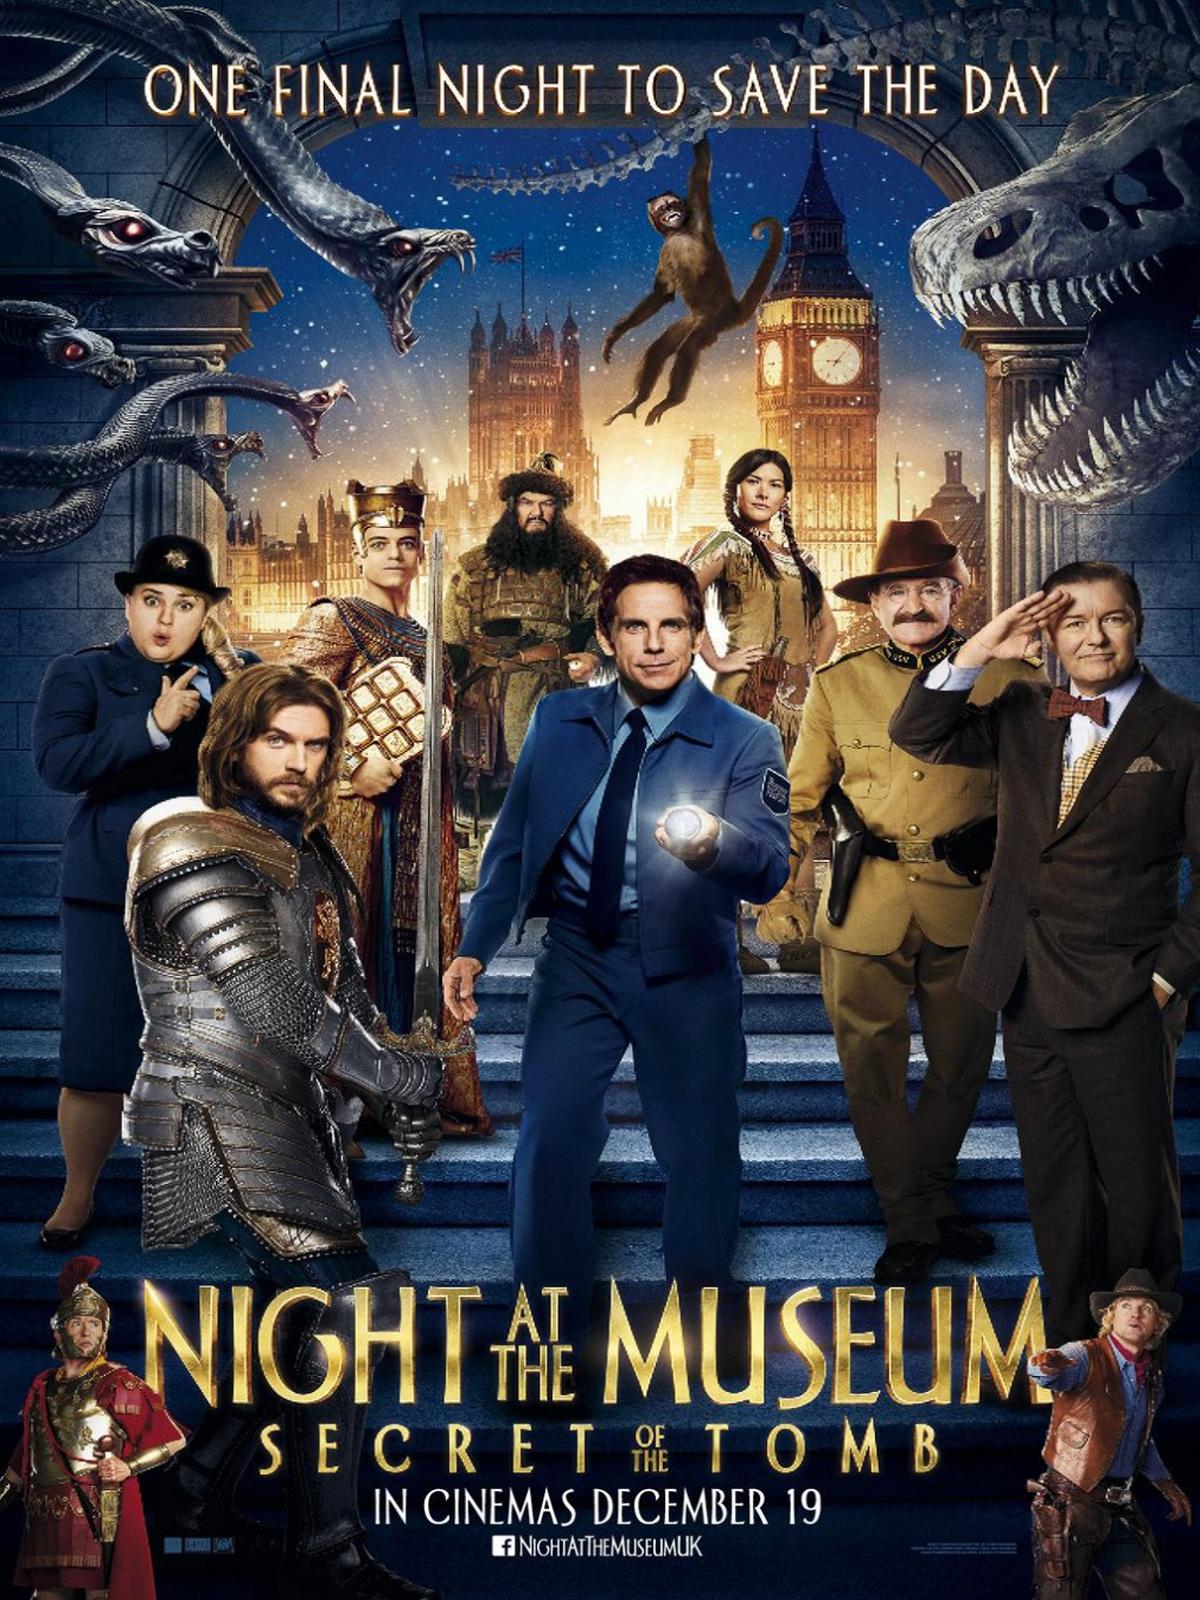 nachts im museum: das geheimnisvolle grabmal